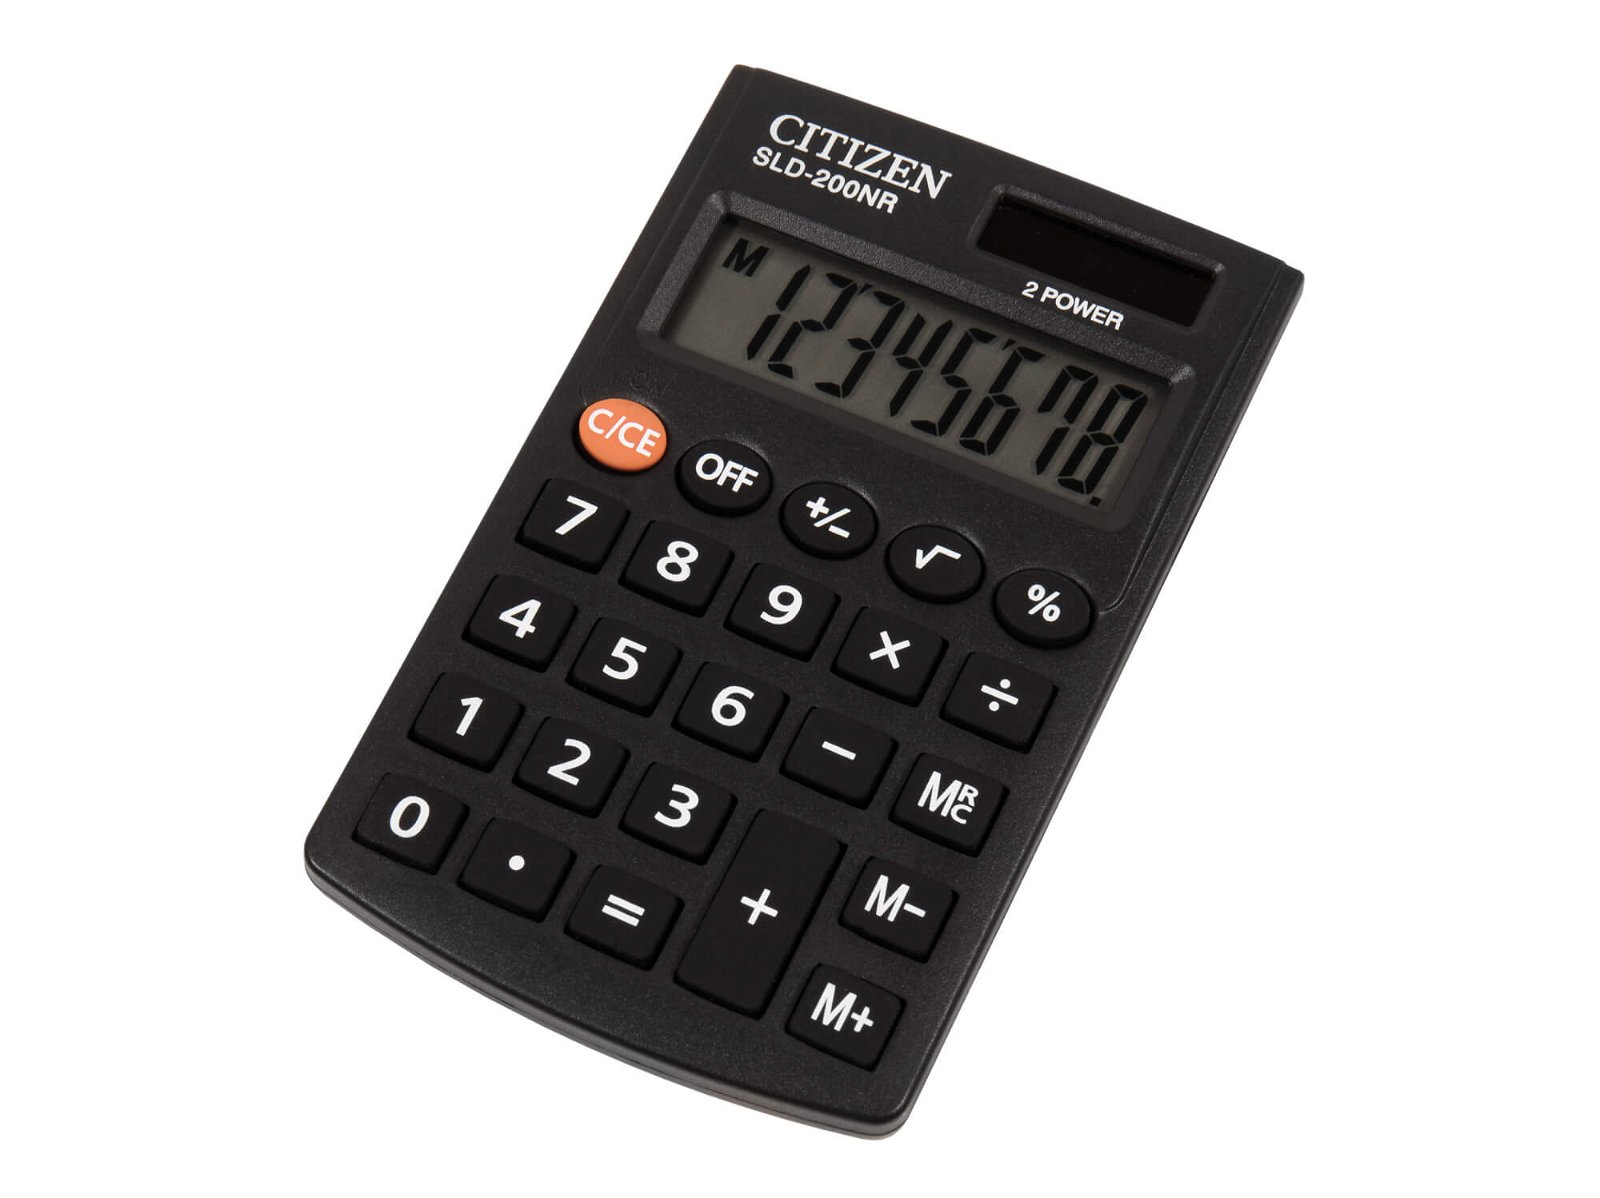 Taschenrechner SLD-200NR